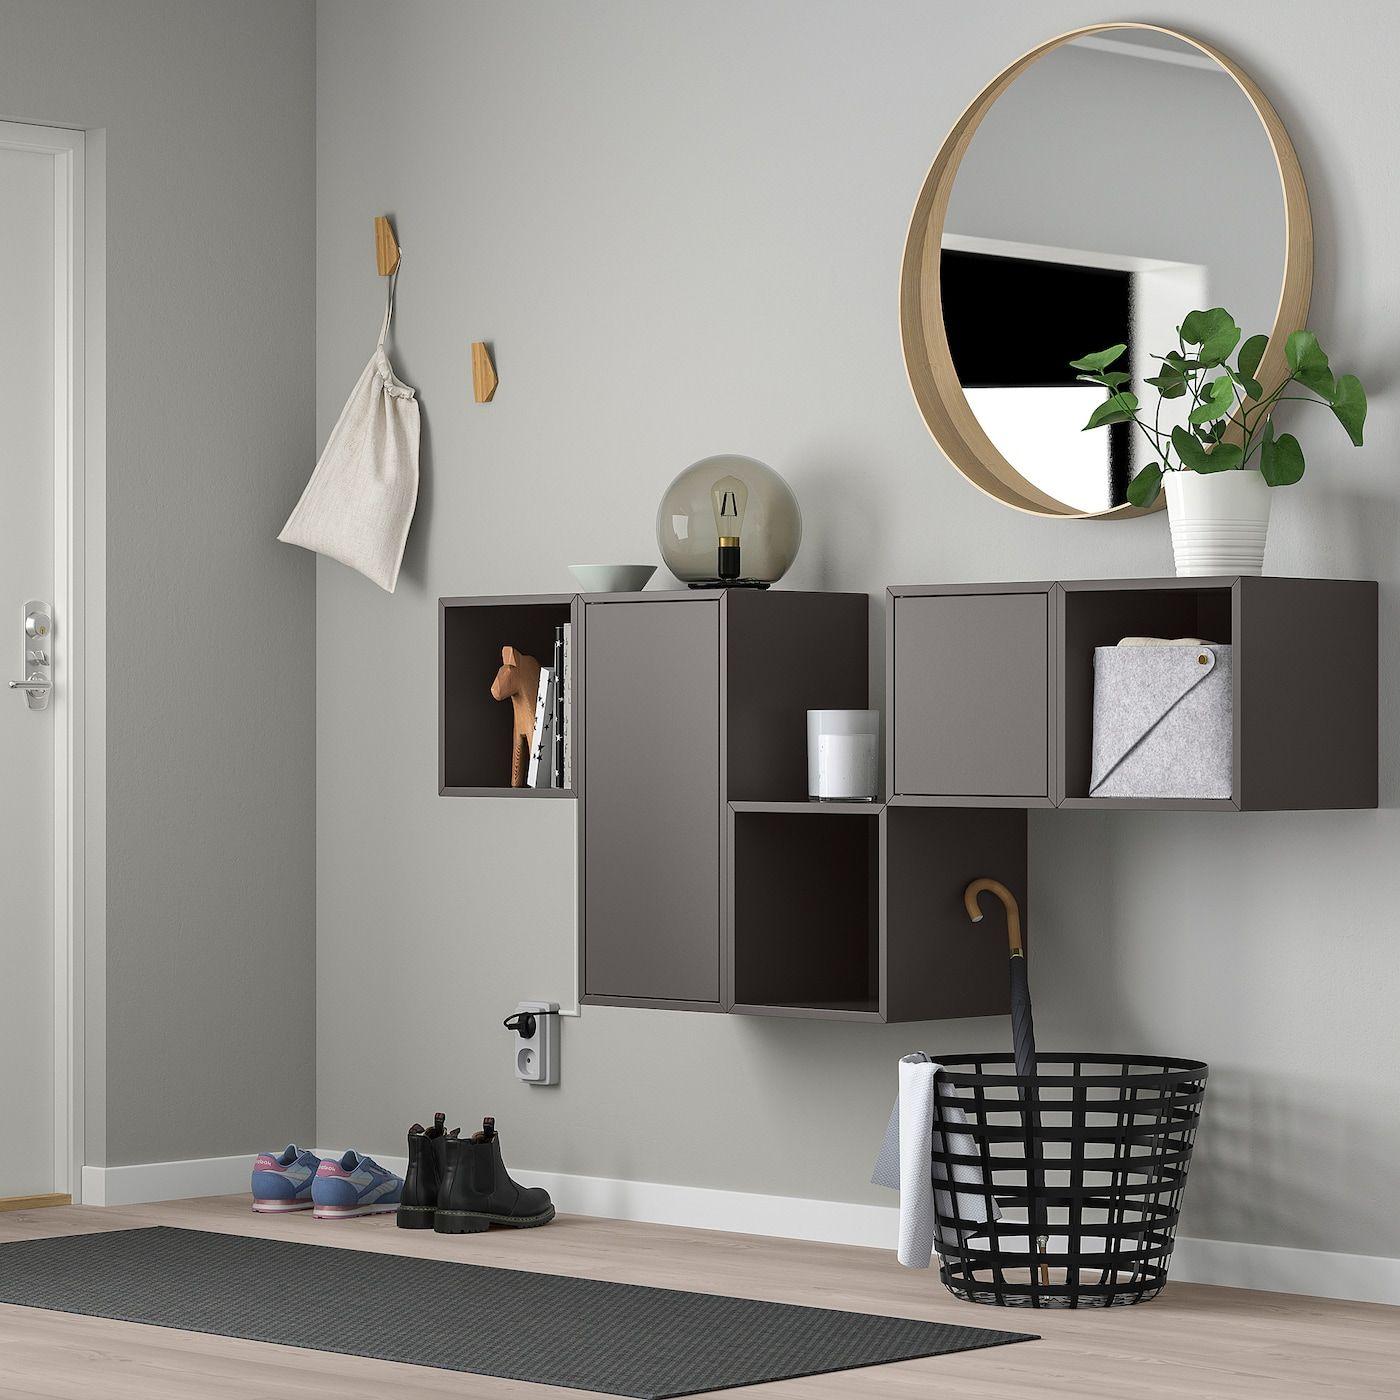 Eket Schrankkombination Fur Wandmontage Dunkelgrau Ikea Osterreich Eket Ikea Eket Wall Mounted Cabinet